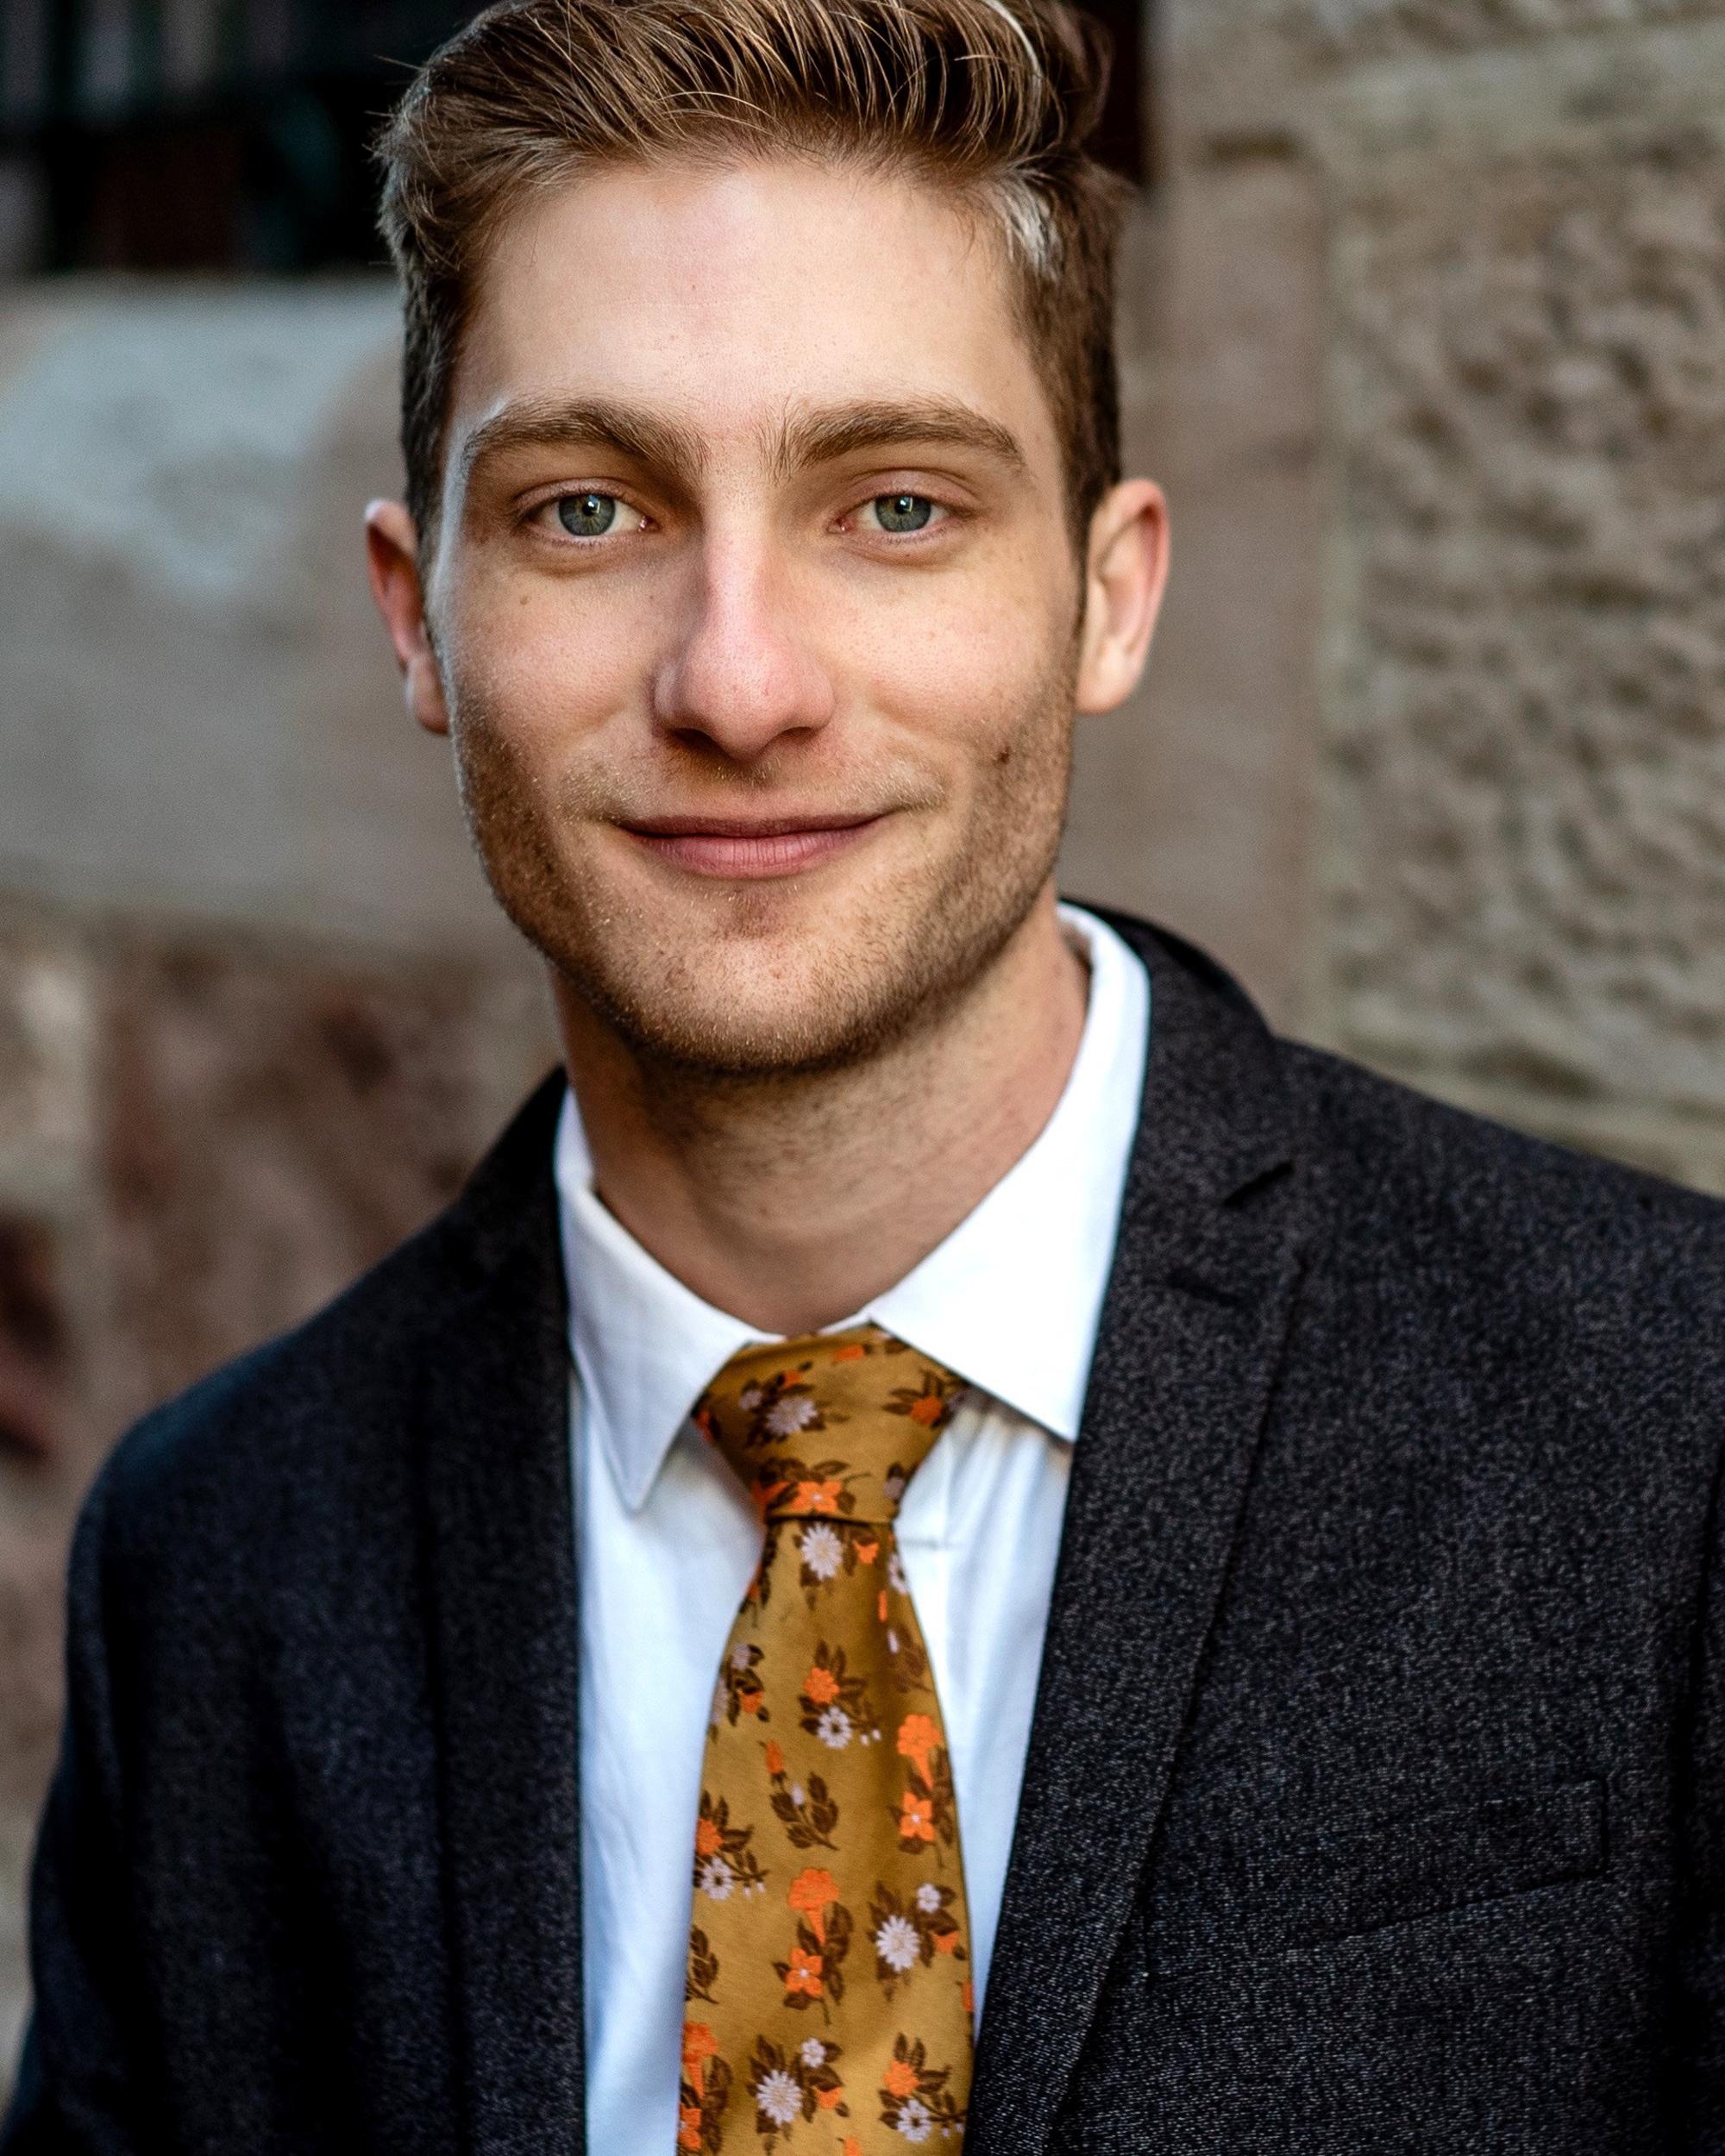 Matt McInally